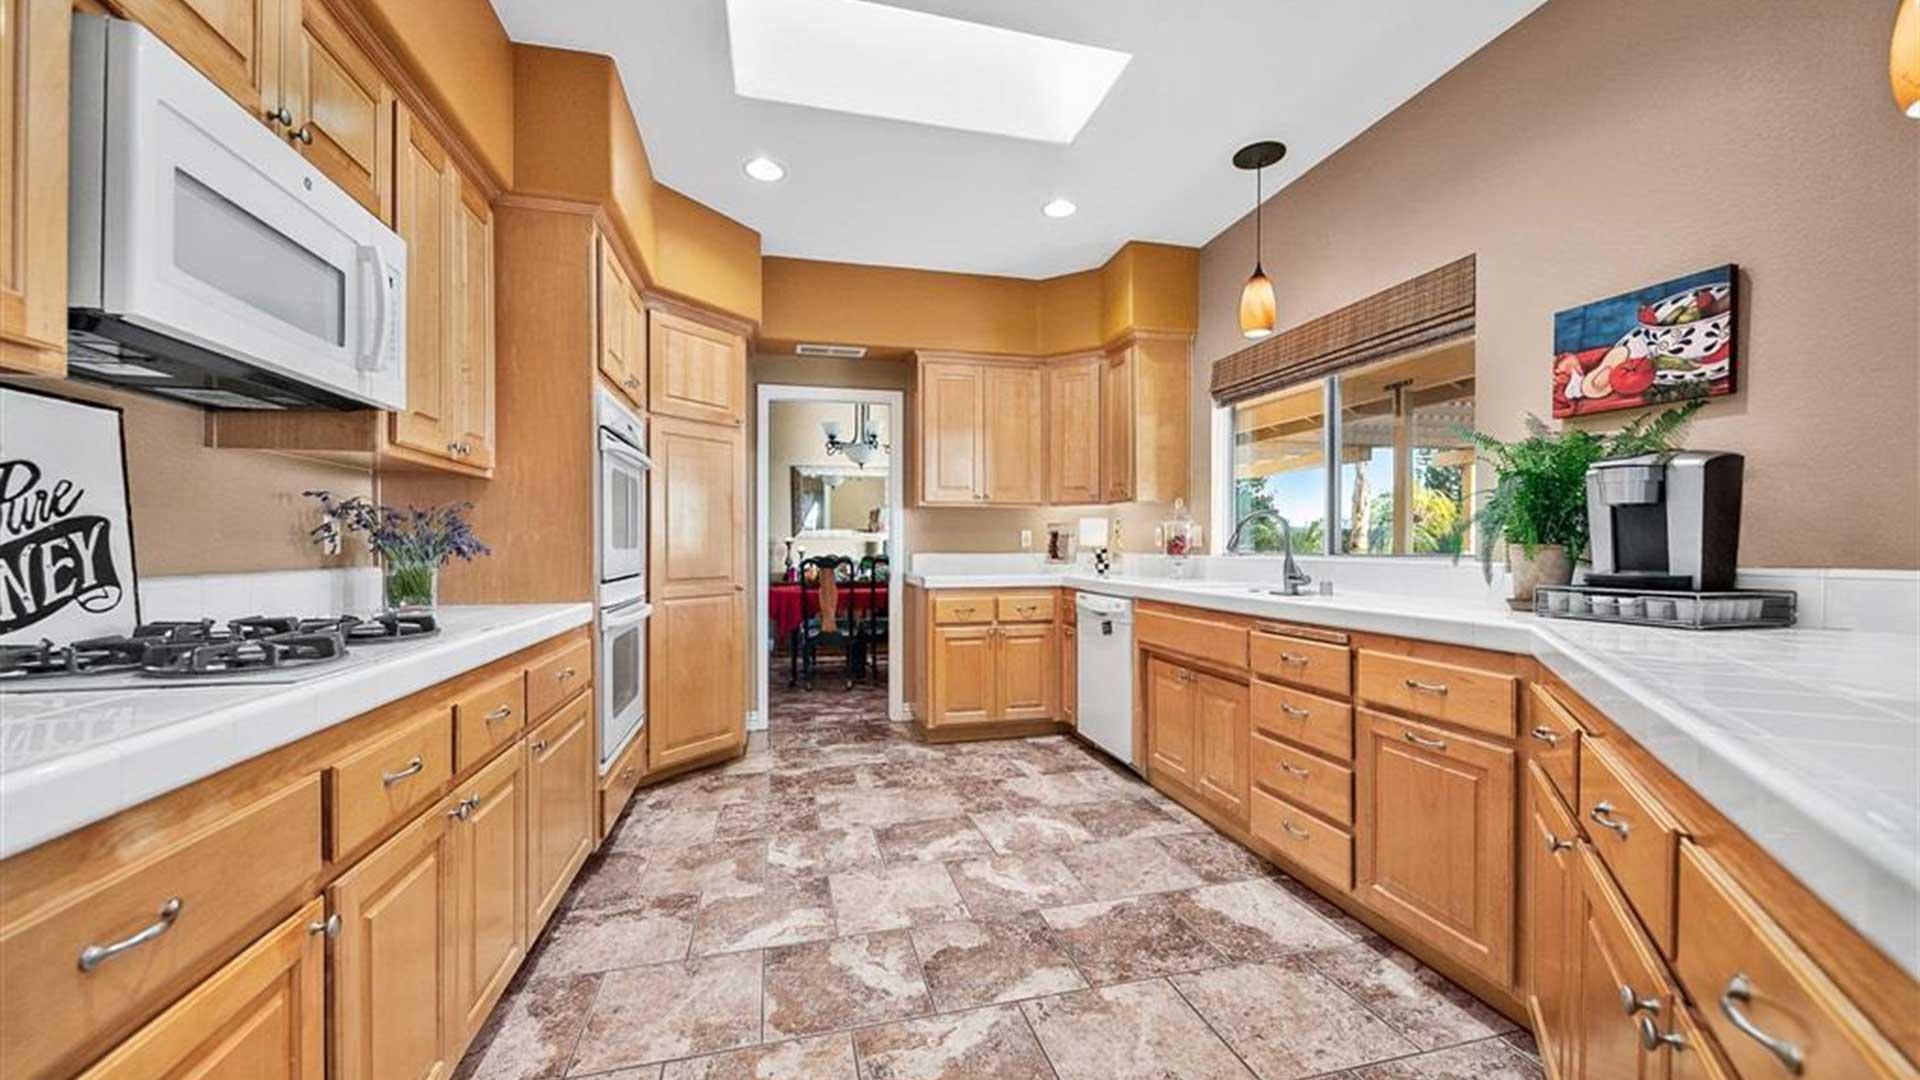 29954 McKenna Heights Ct. Valley Center, CA 92082